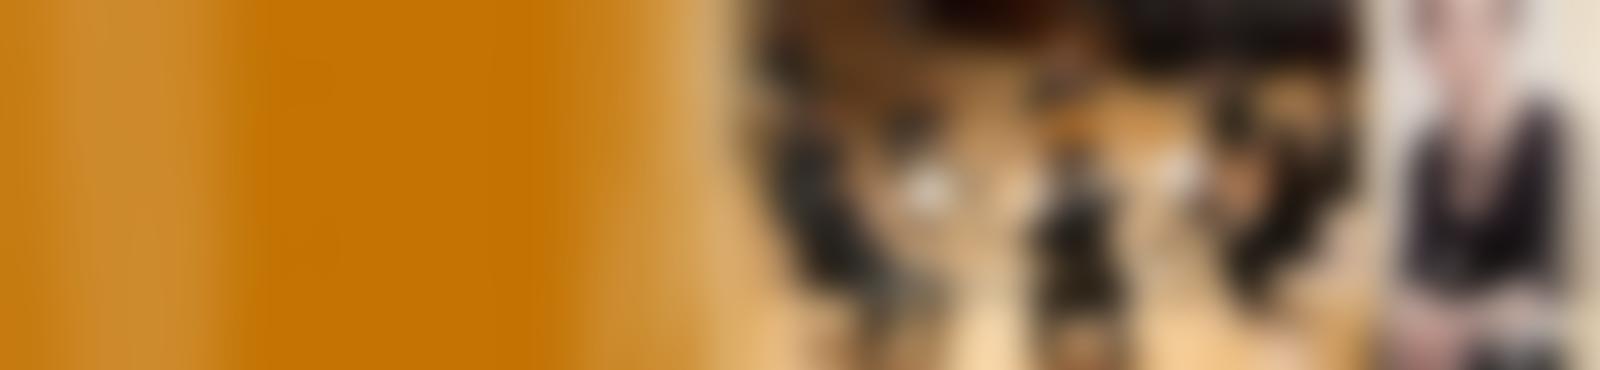 Blurred 717ecfe8 7936 4258 b062 0813b7840990